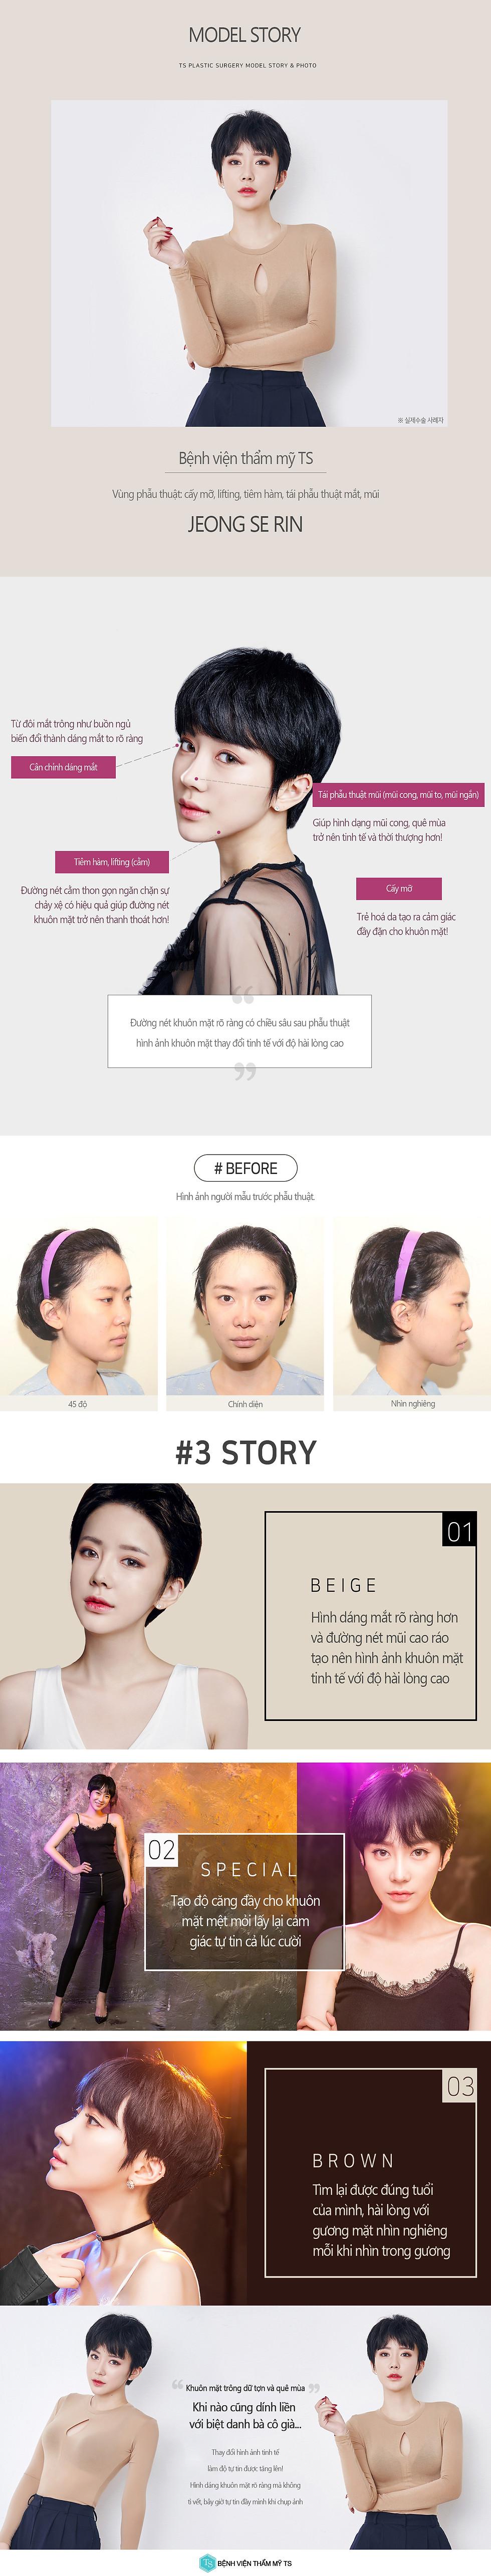 모델정세린 베트남.jpg